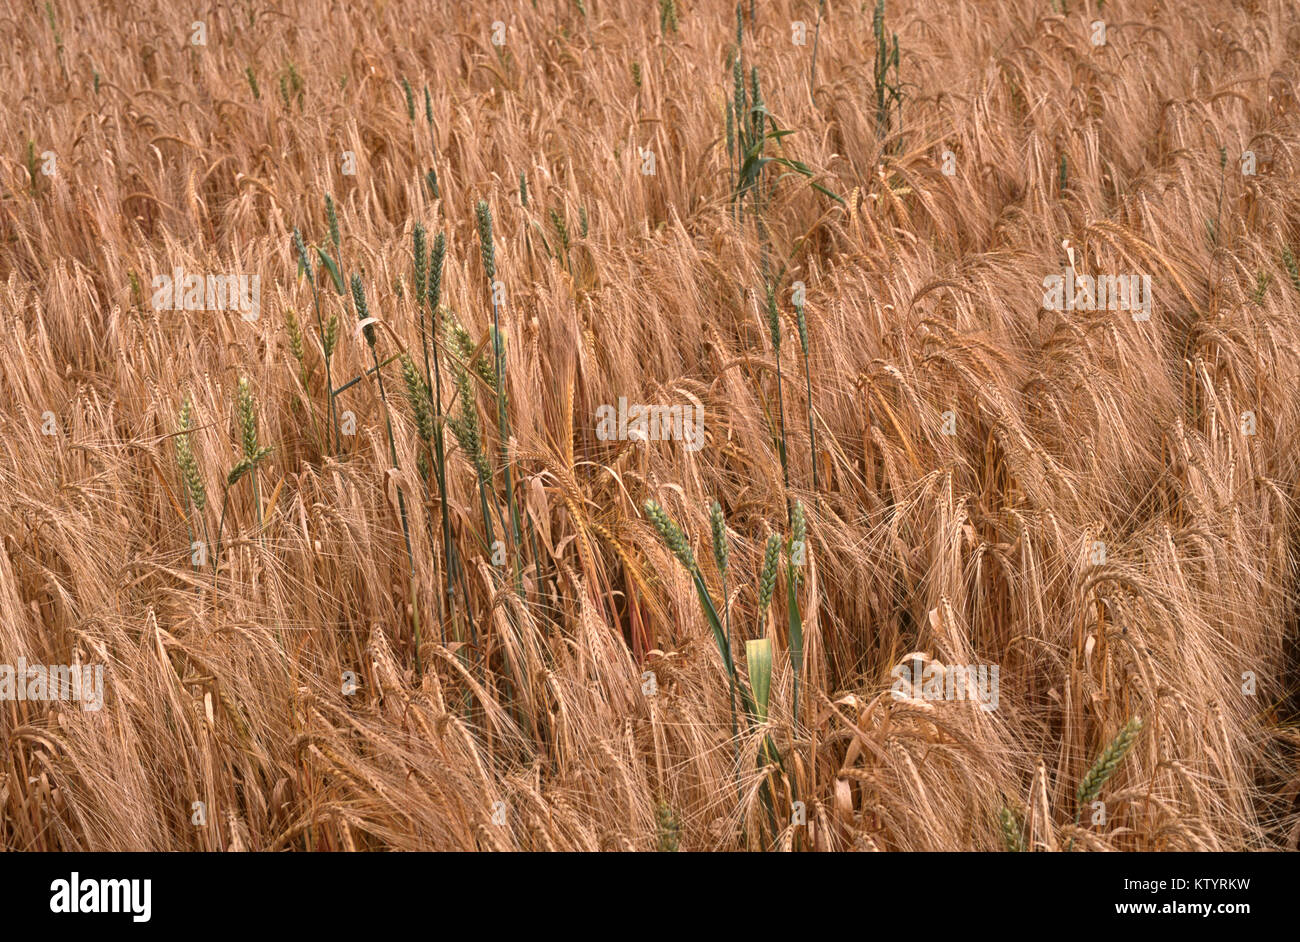 Rogue las plantas de trigo en la cosecha de cebada Imagen De Stock